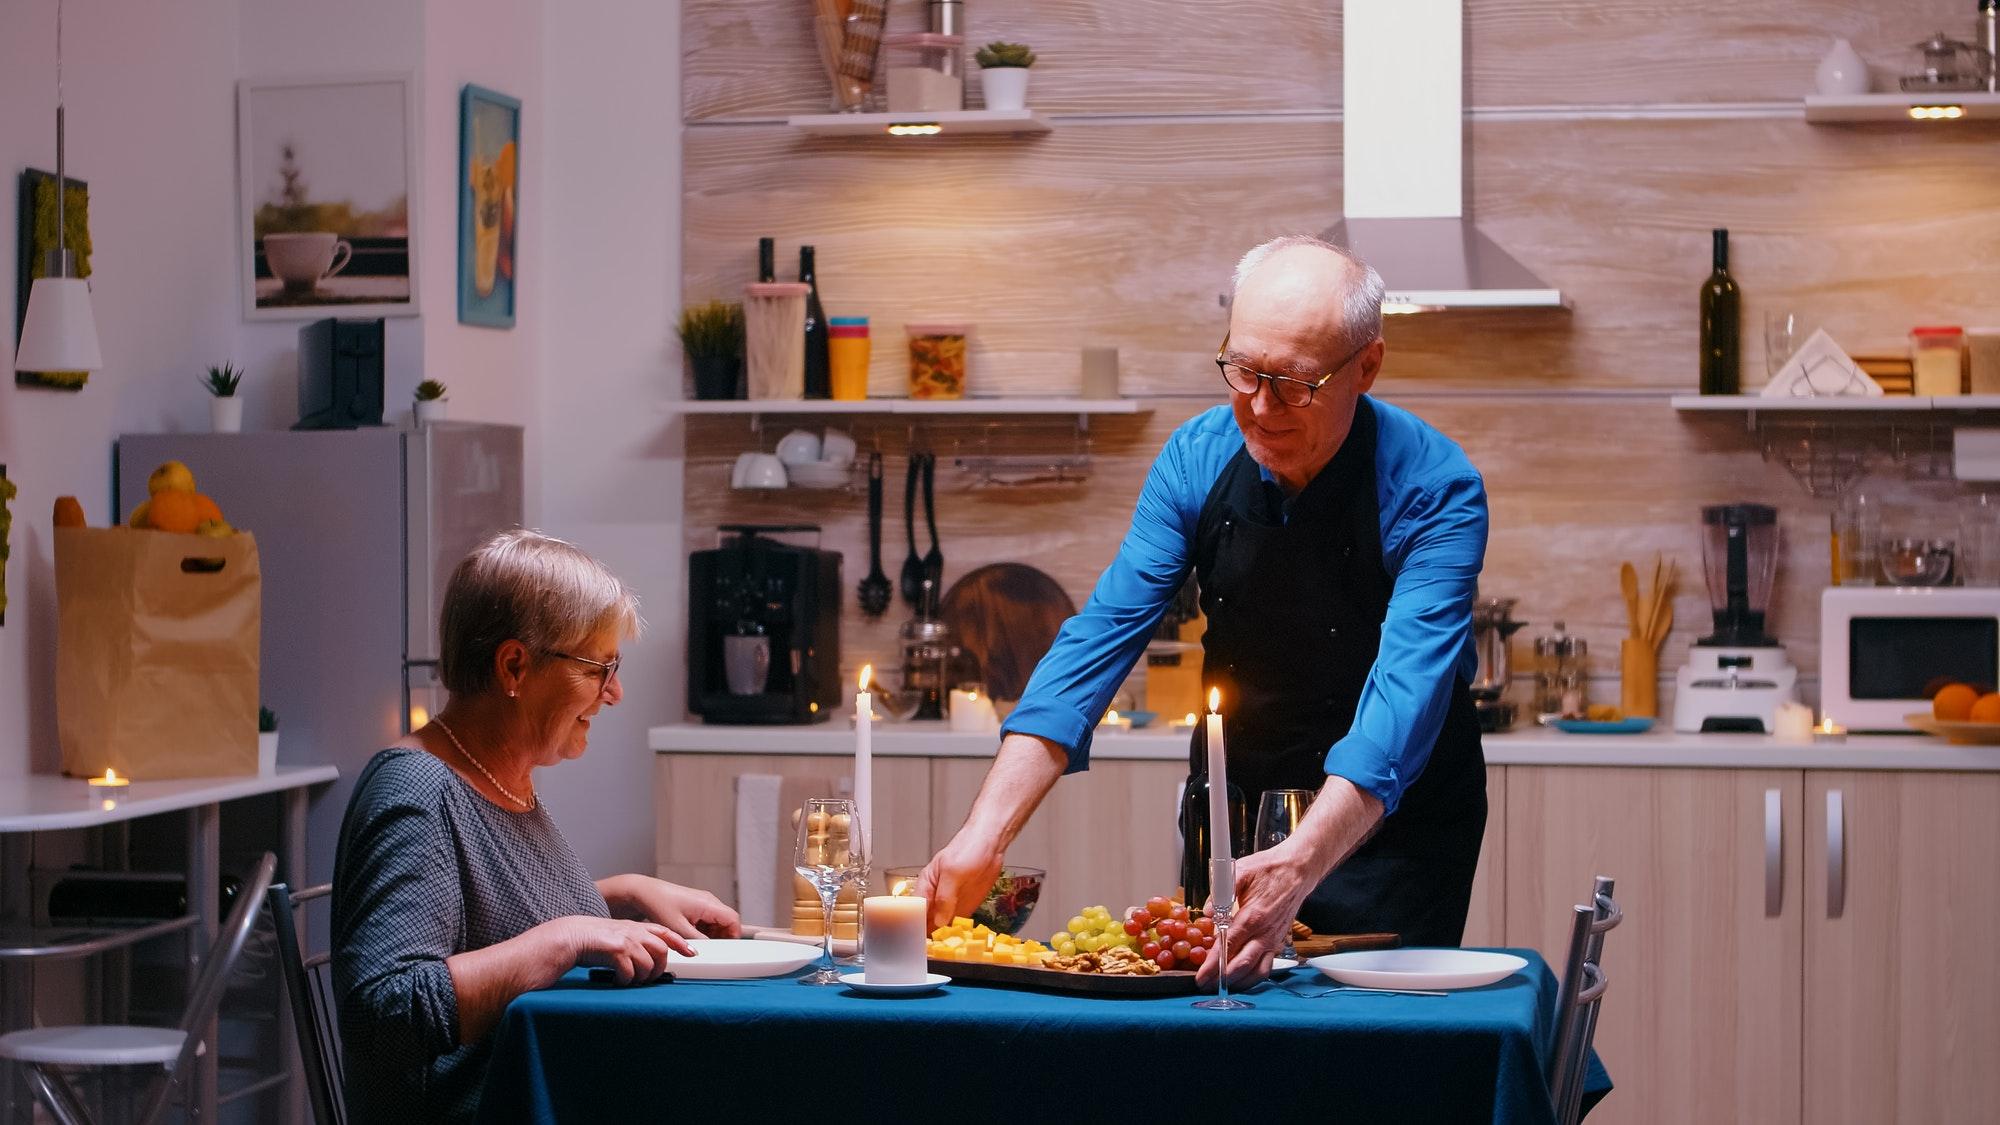 Retirement man surving dinner